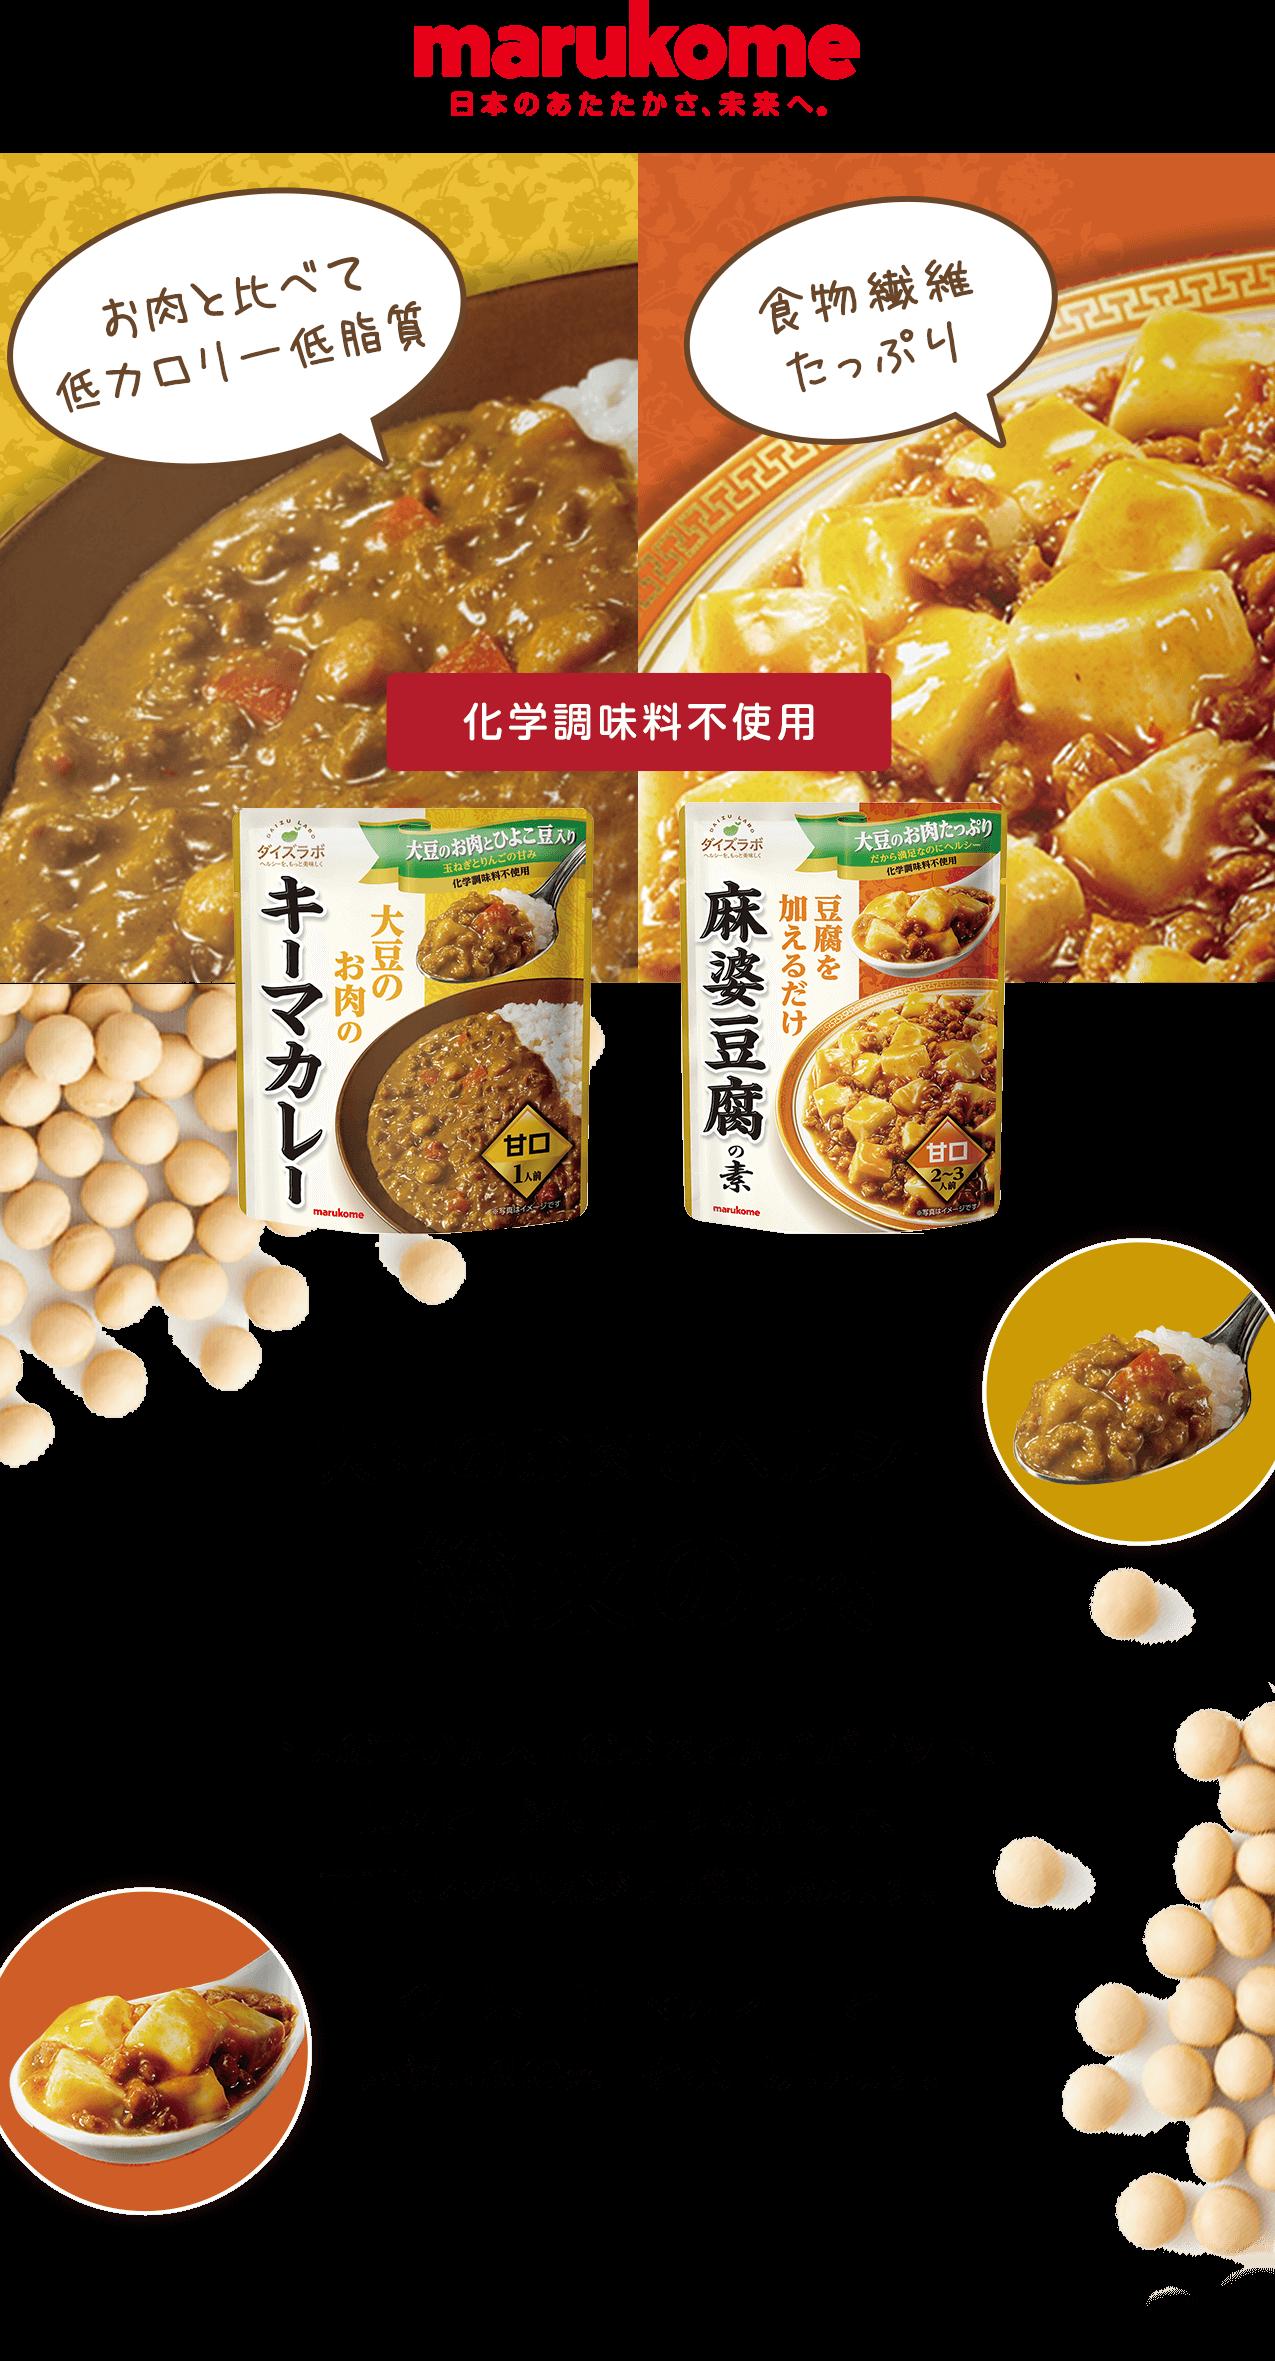 marukome 大豆のお肉でヘルシー総菜の素 下味のついた大豆のお肉とたれがセット。           具材と一緒に調理するだけで、           簡単に本格的な料理が楽しめます。           今回は「キーマカレー」と「麻婆豆腐の素」をお届けします。